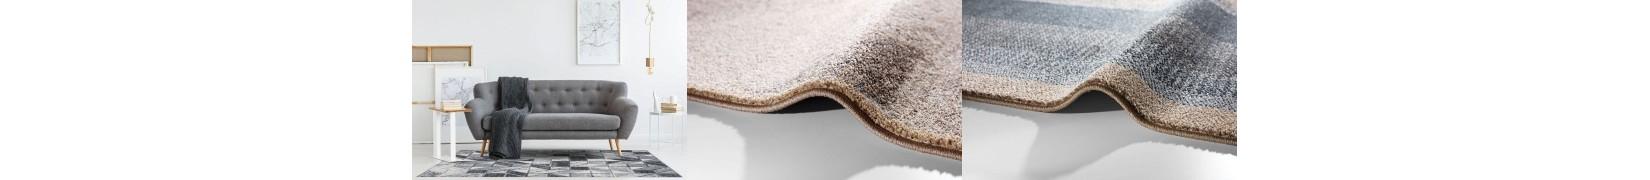 Najbardziej pożądane dywany nowoczesne do salonu Agnella kolekcji ECO